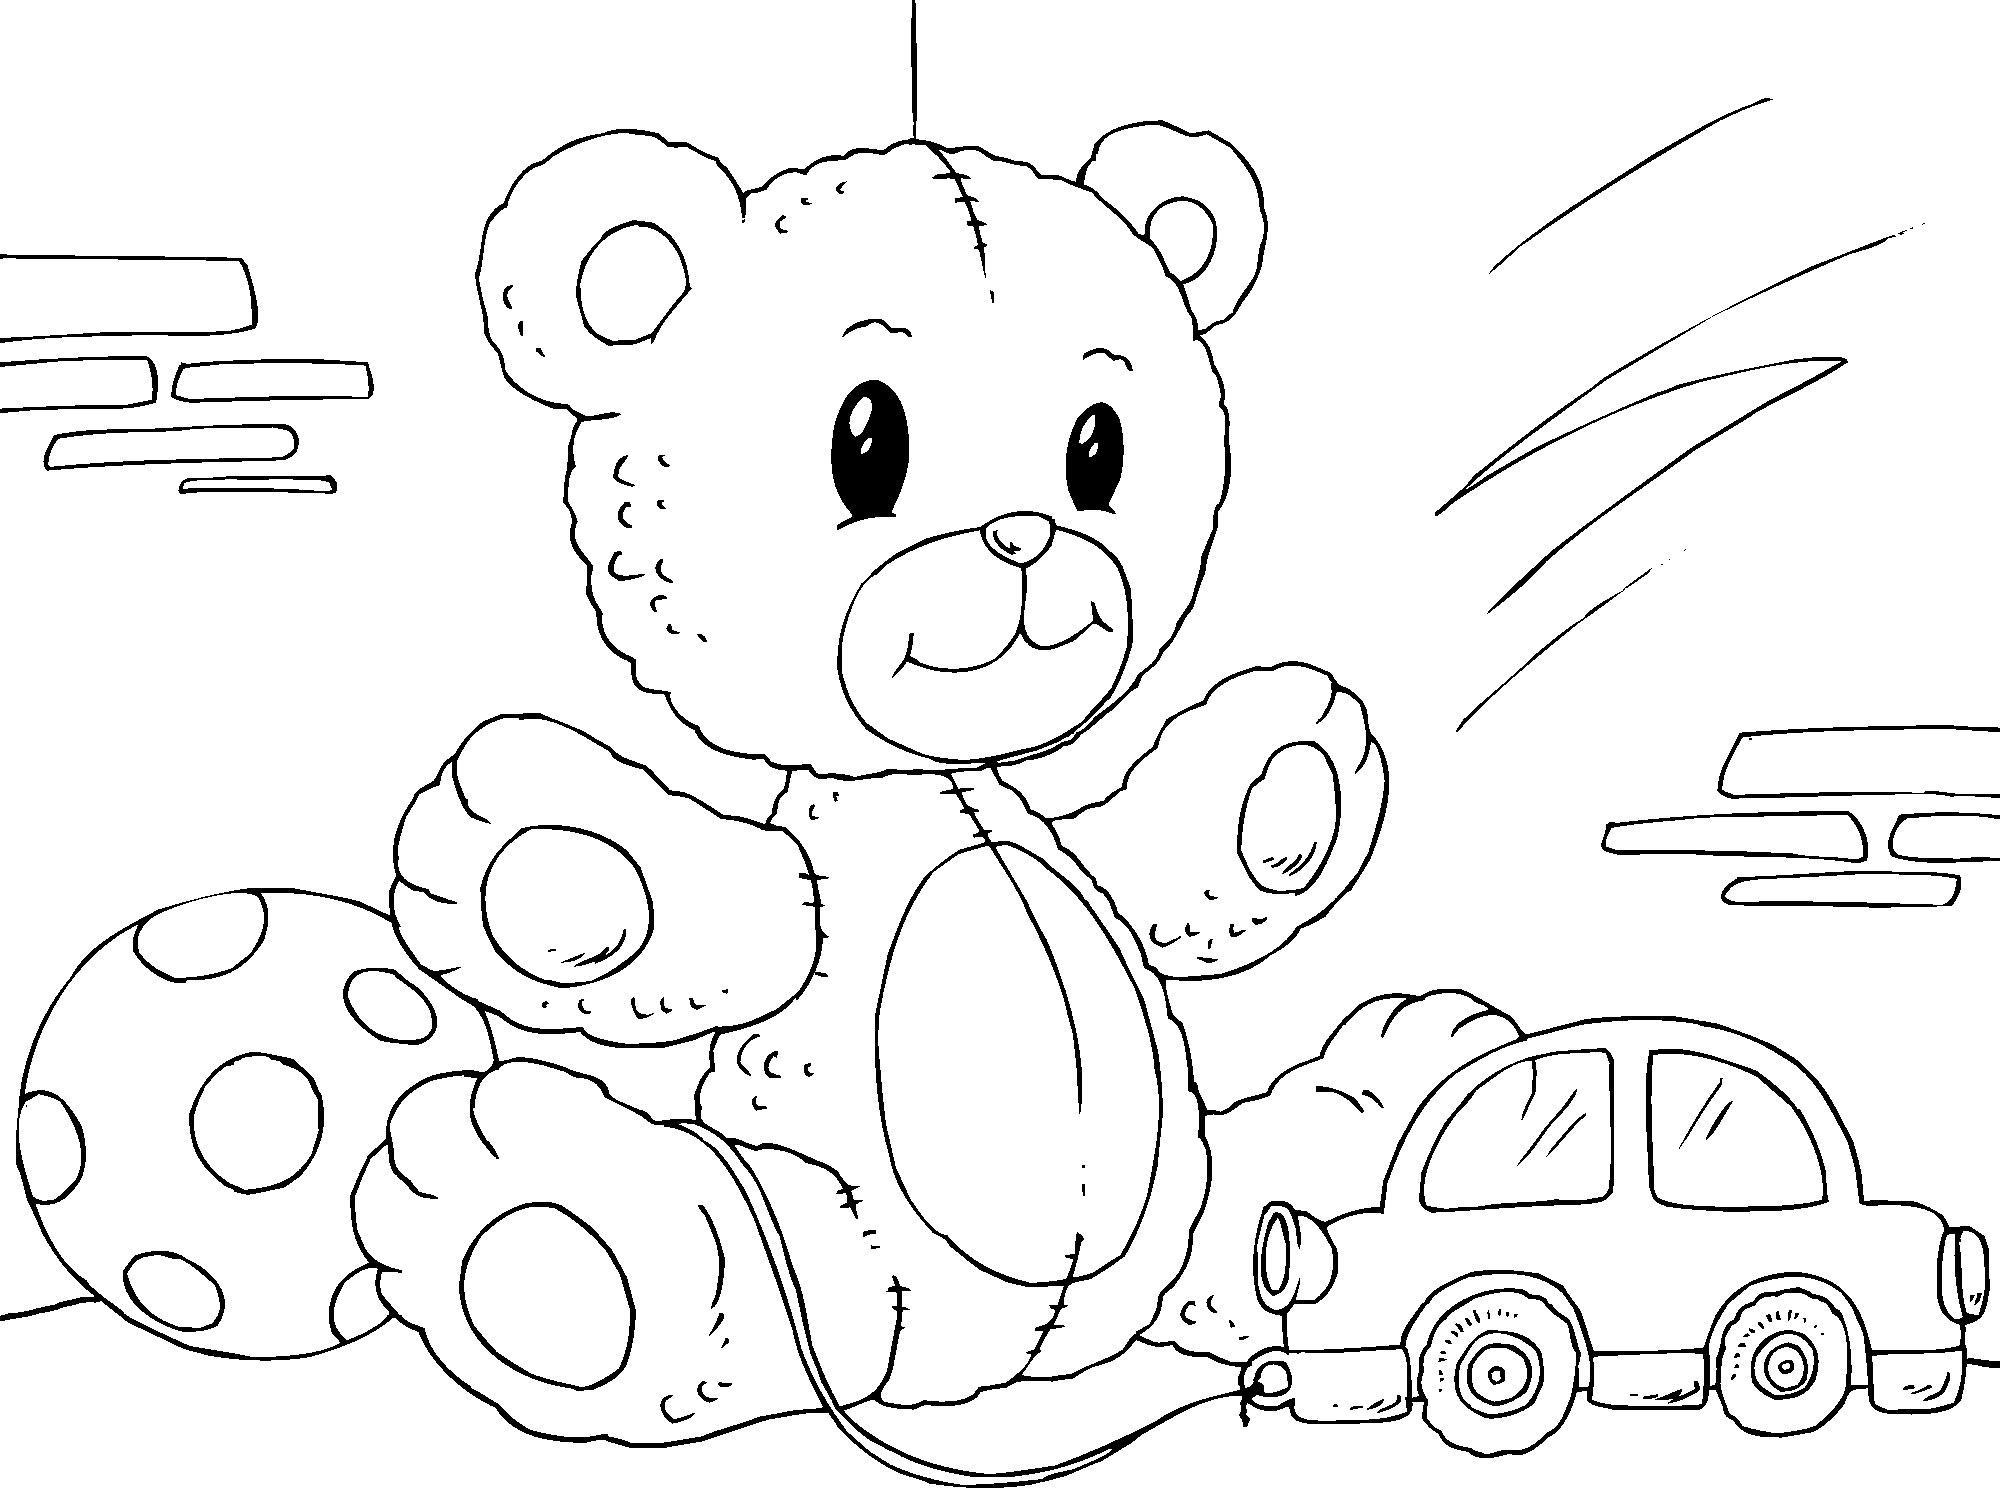 Kleurplaat Teddybeer Afb 22822